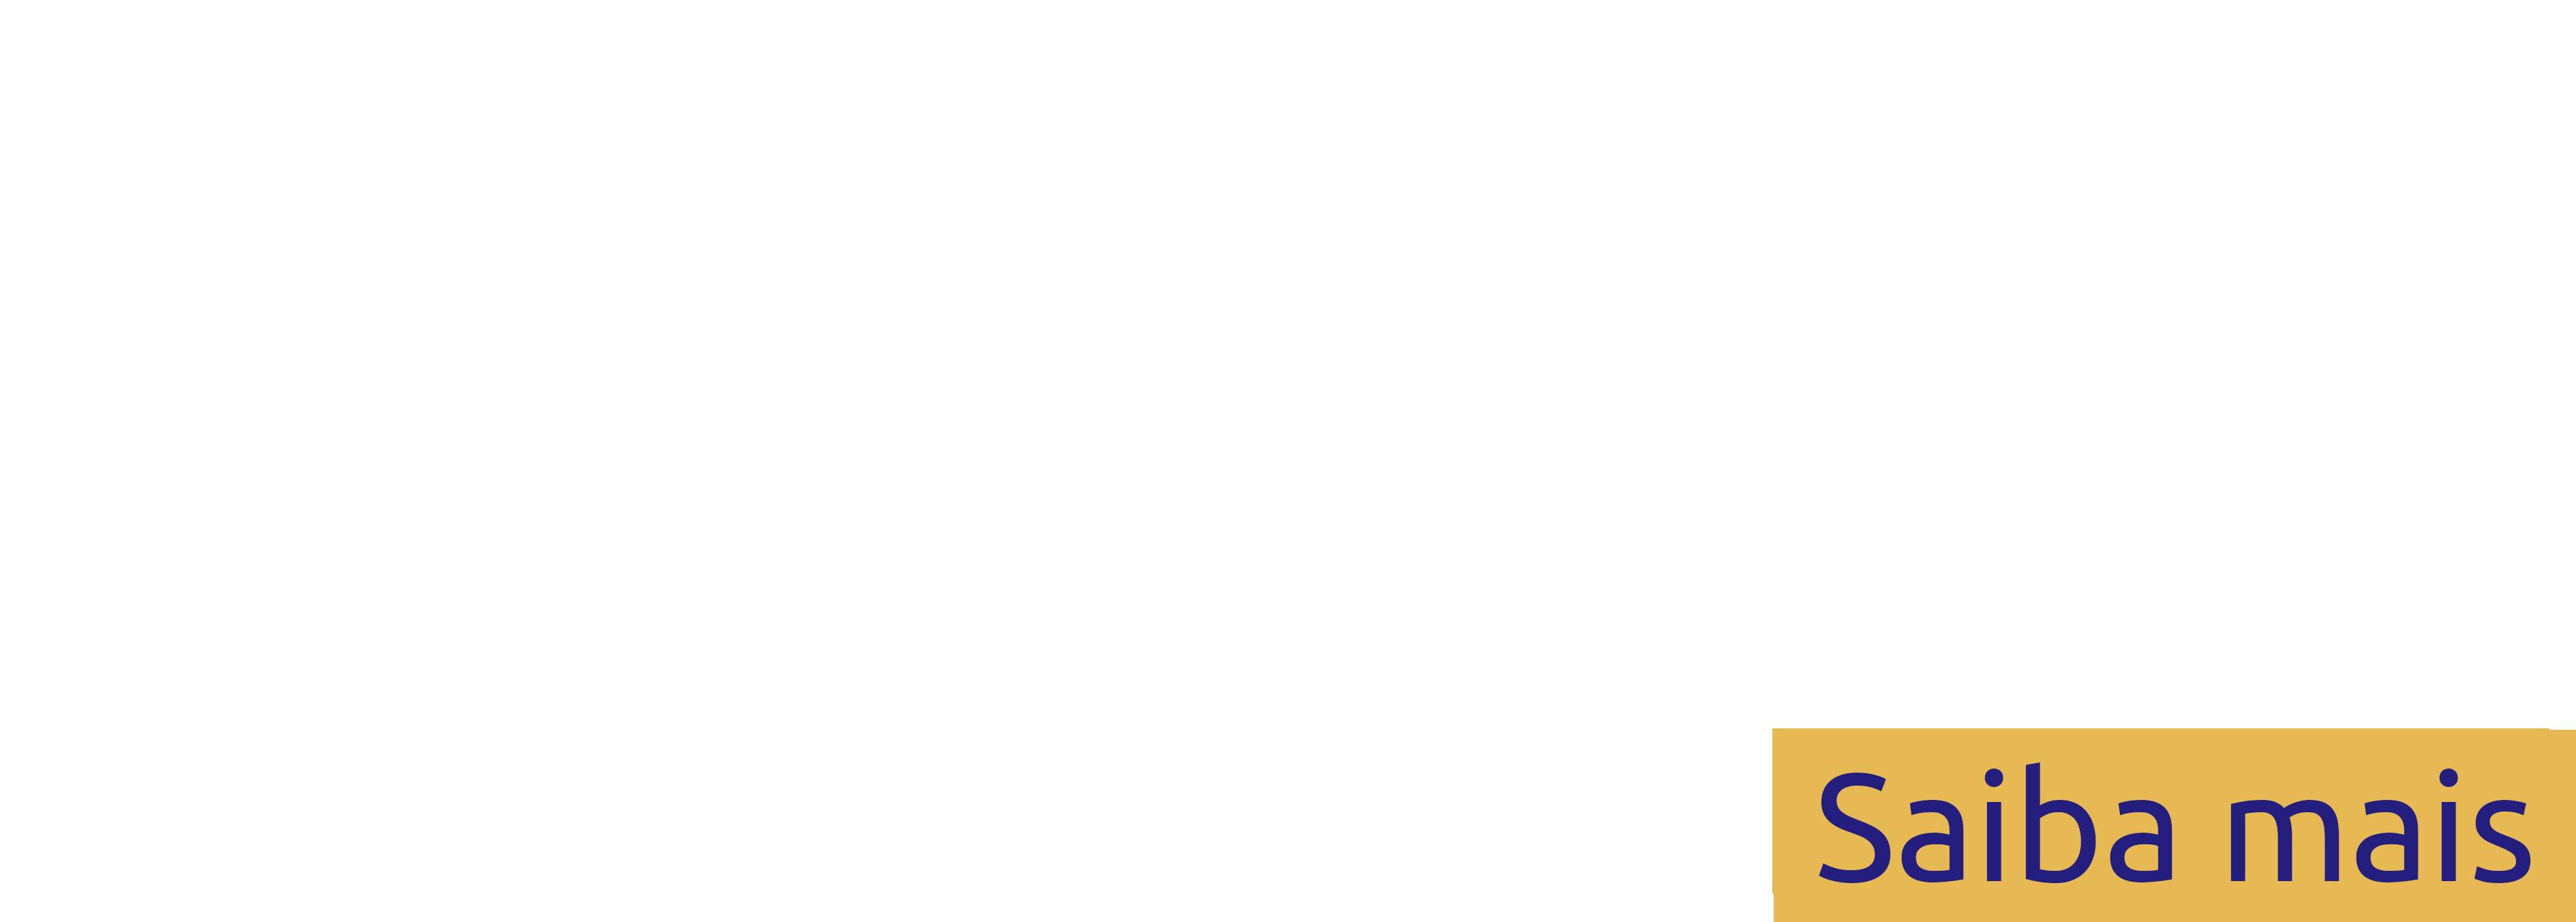 banner site ações coletivas saiba mais 4